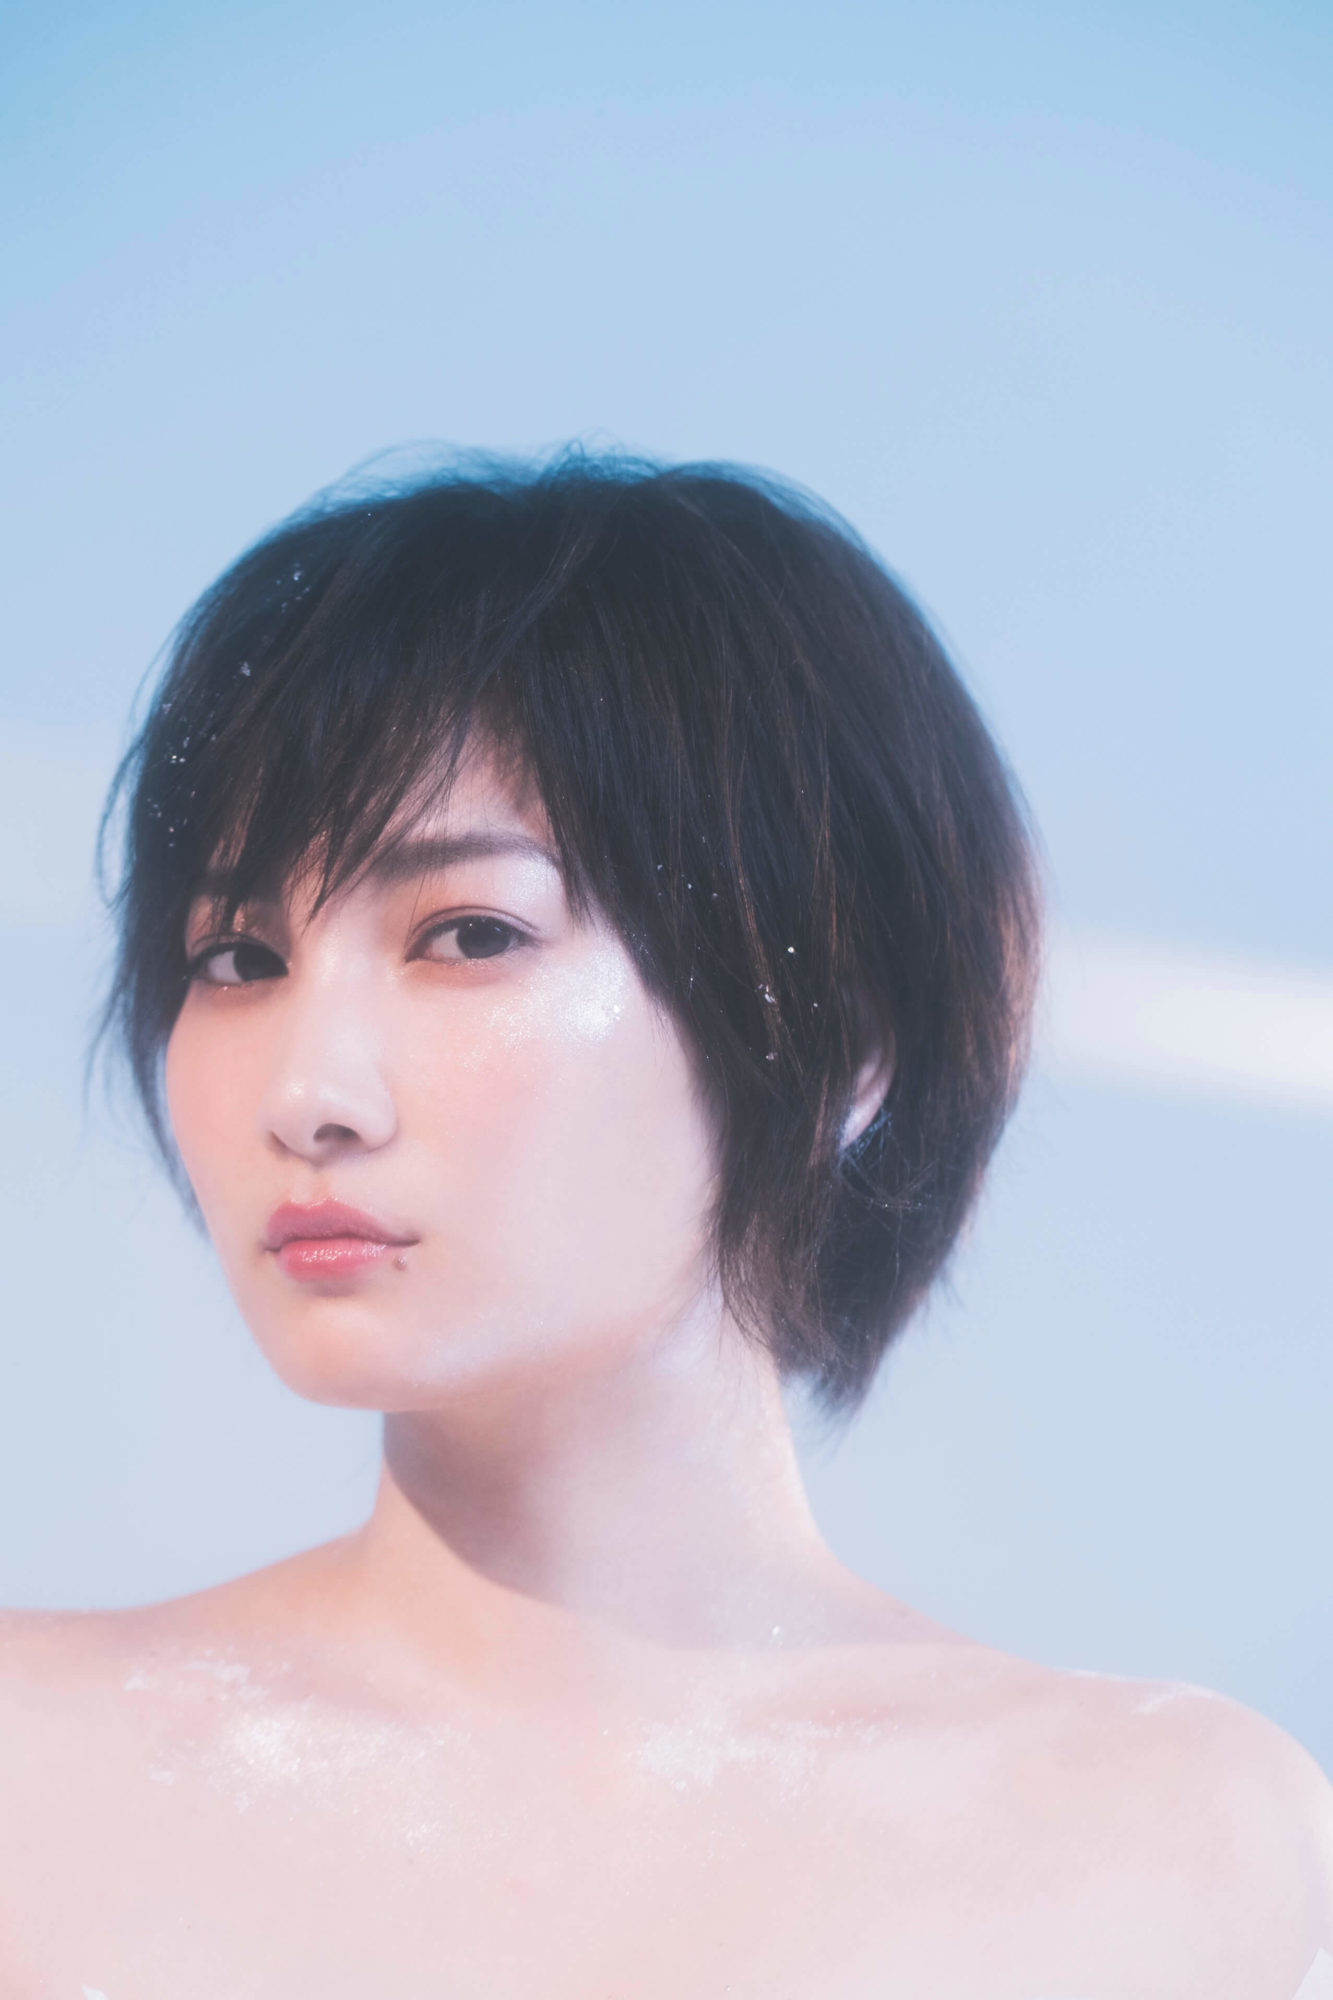 佐藤千亜妃、新曲「転がるビー玉」配信スタート